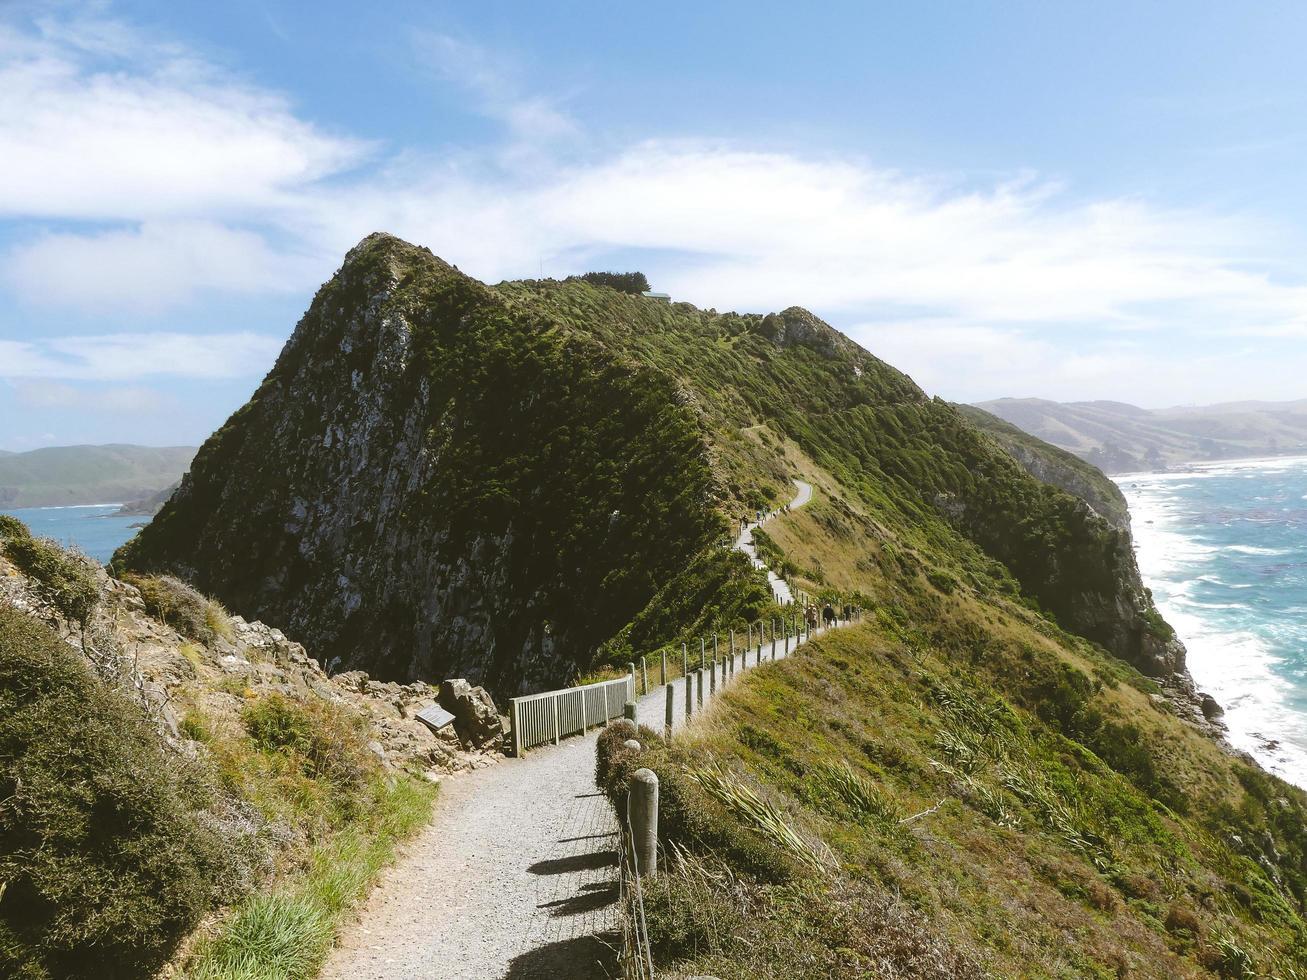 sendero a través de la montaña verde foto